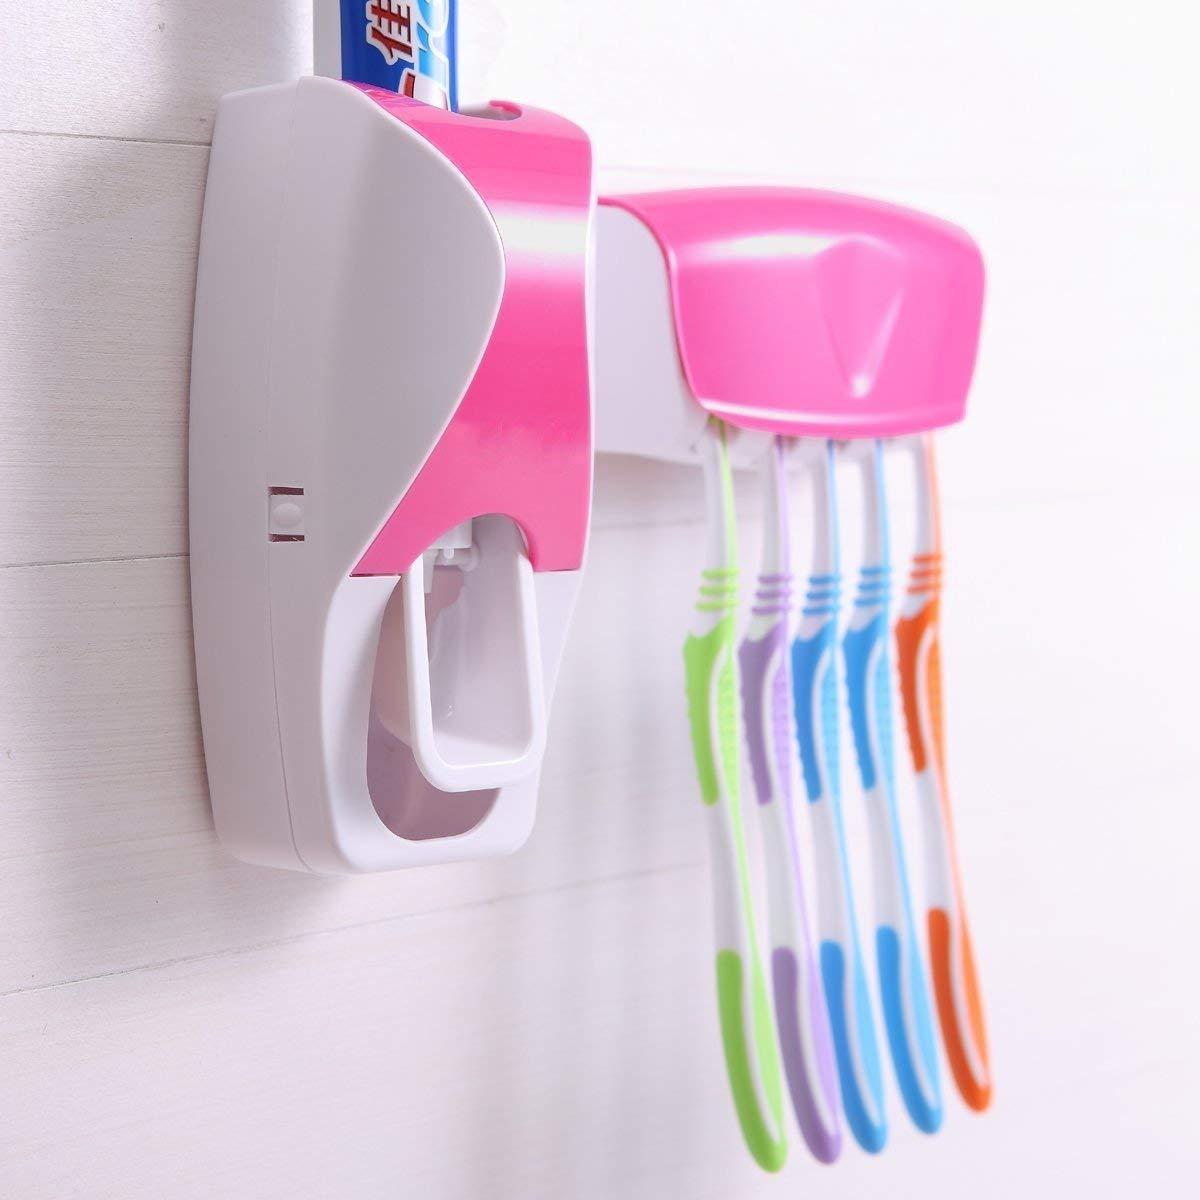 Дозатор для зубной пасты с держателем для щеток, цвет розовый + белый. Черная пятница!